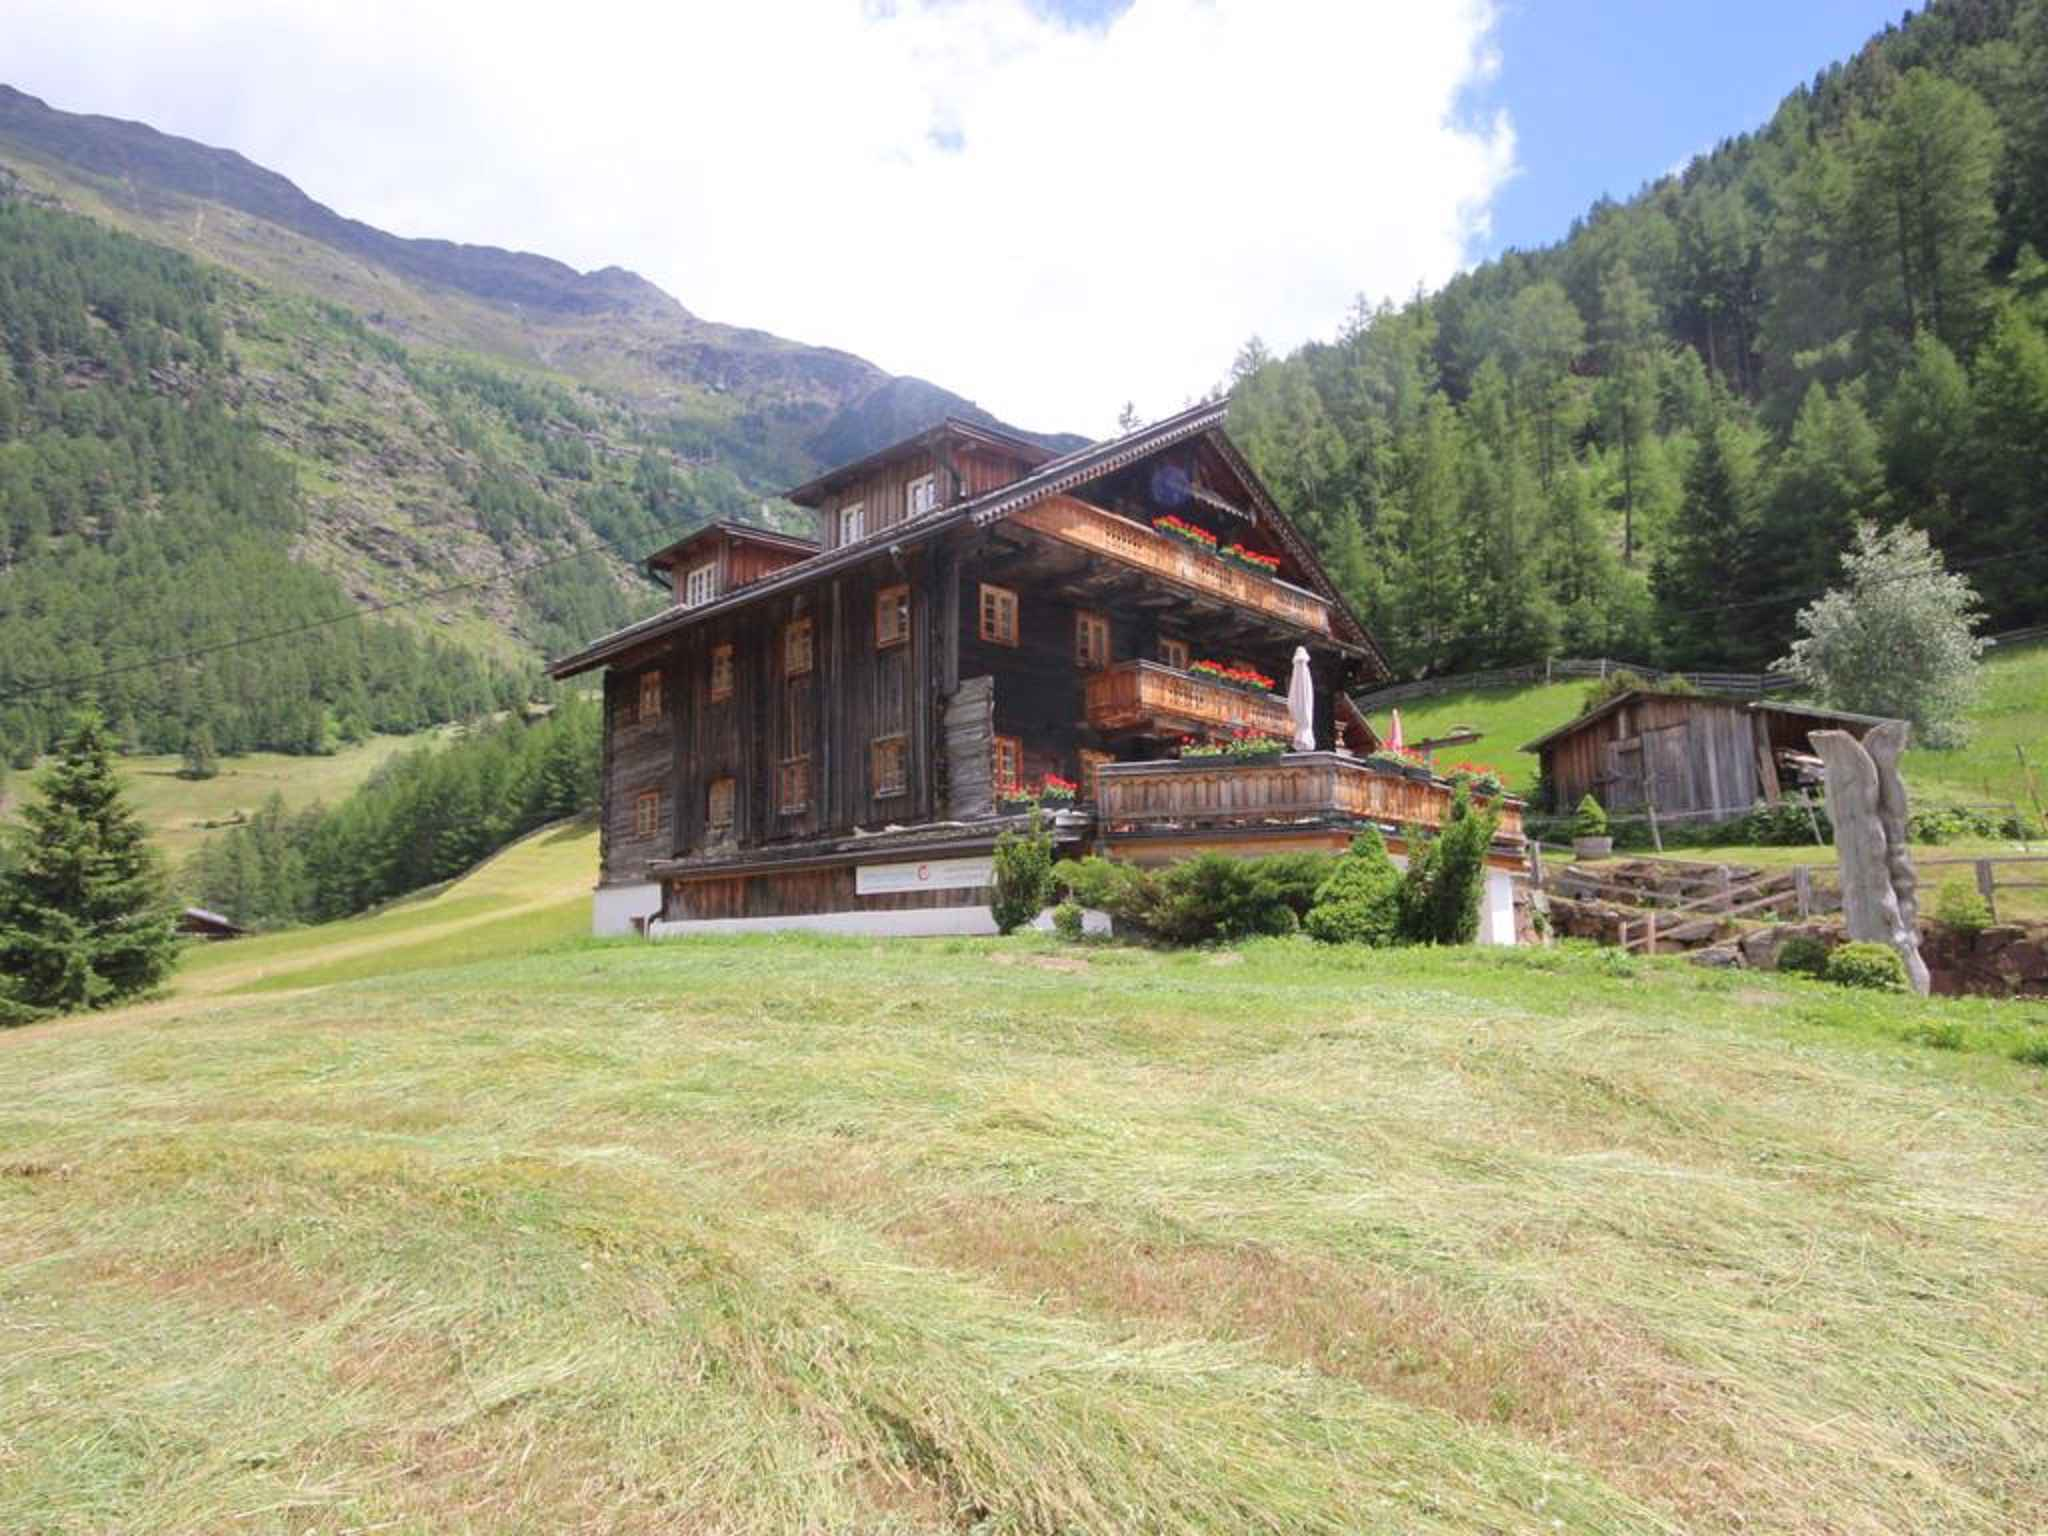 Ferienwohnung in einem über 300 Jahre alten Holzhaus (283707), Sölden (AT), Ötztal, Tirol, Österreich, Bild 3